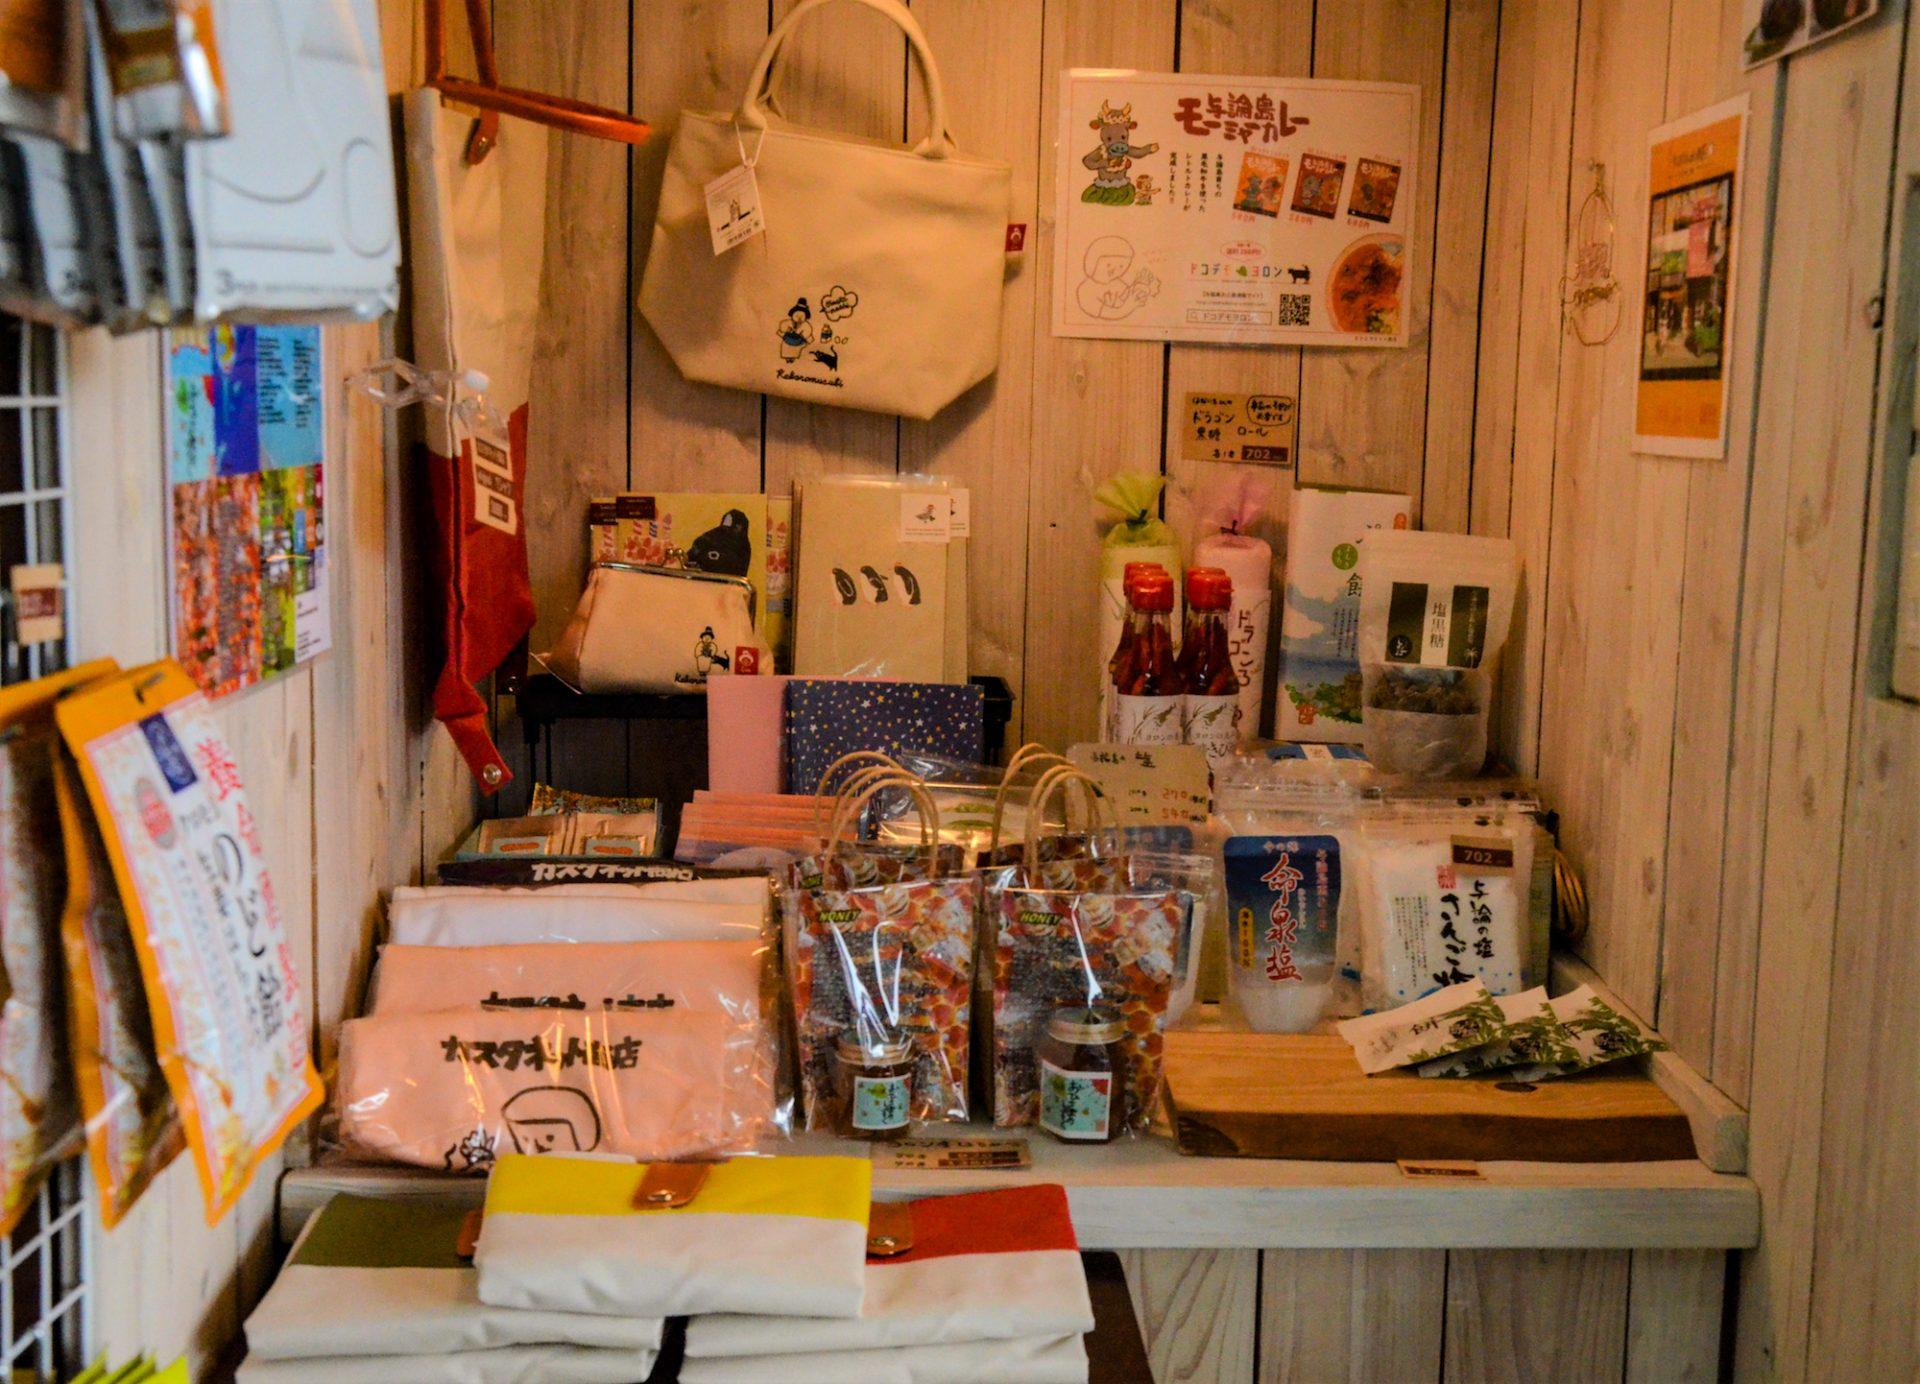 店内には、お菓子や食品、カスタネット商店オリジナル商品や与論島のおみやげ、雑貨などが並んでいます。